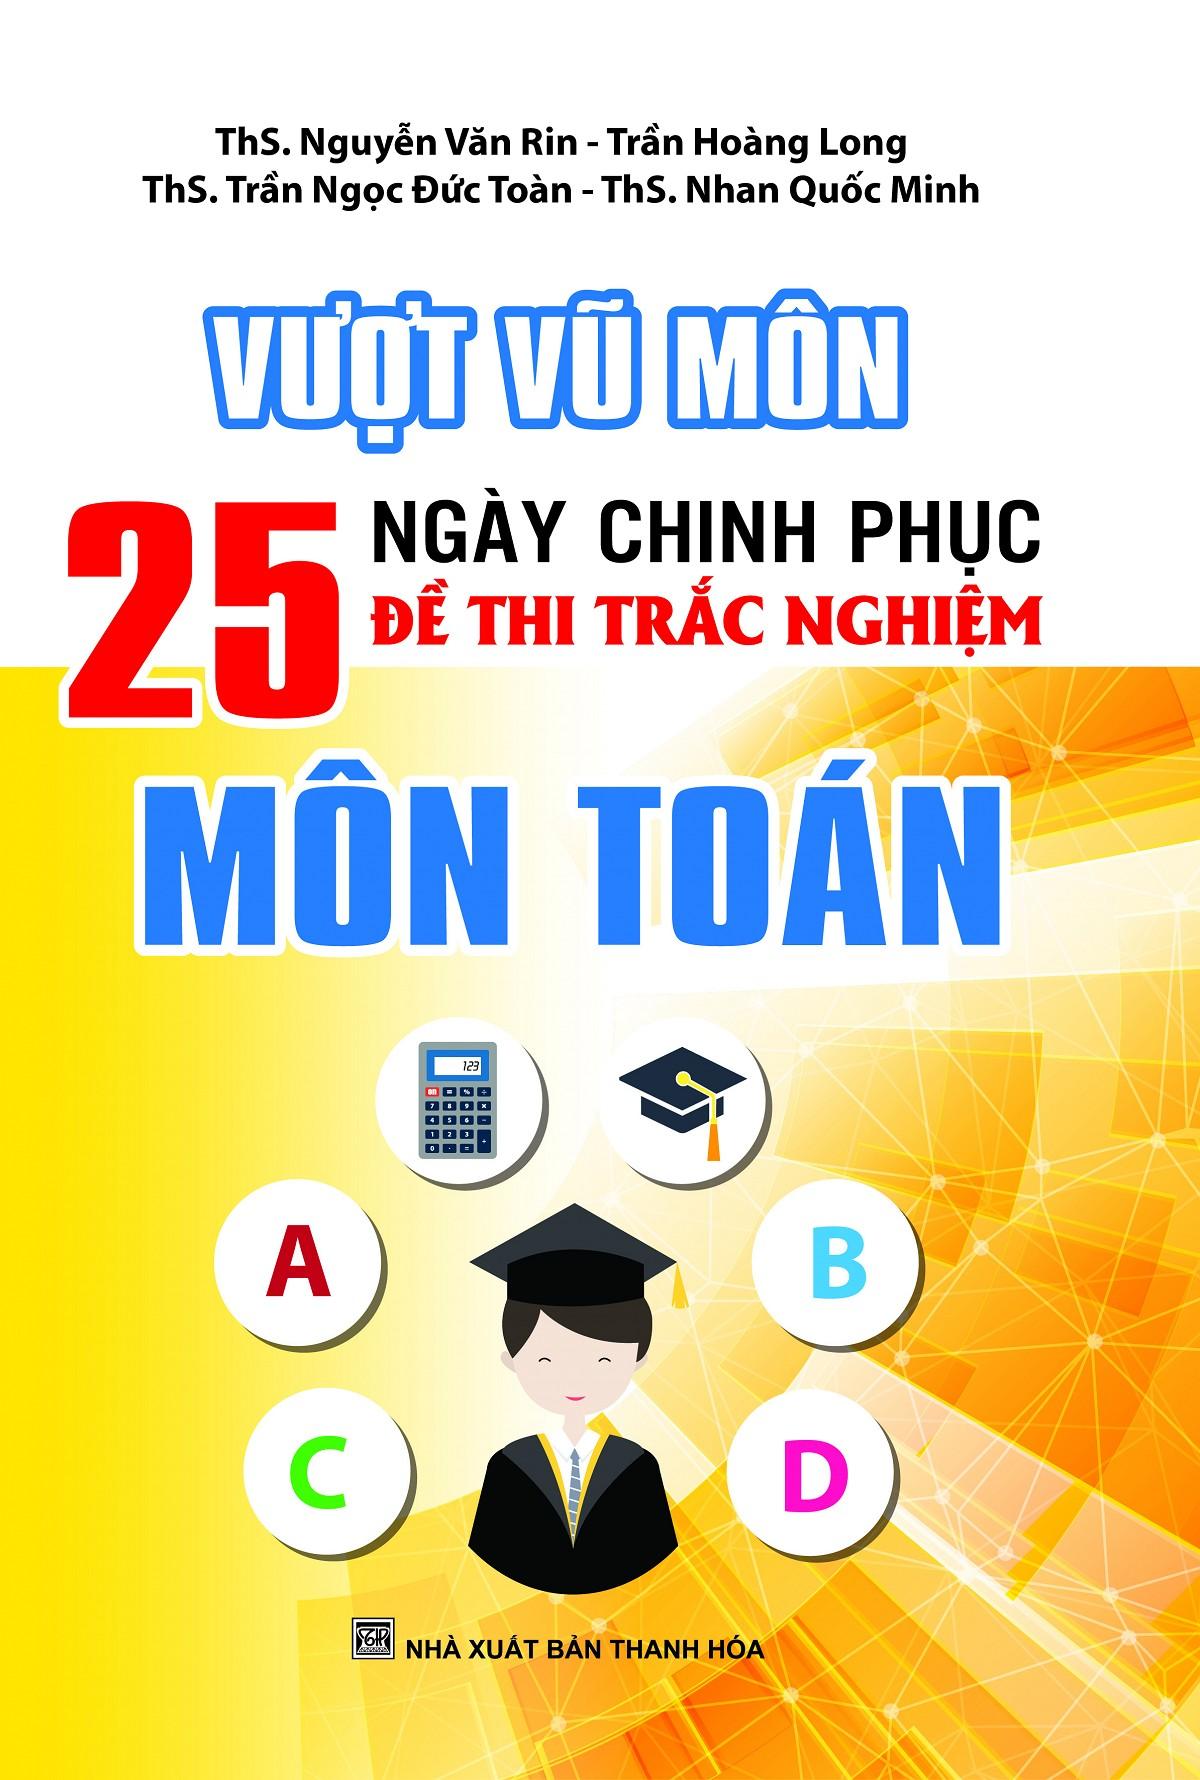 vuot-vu-mon-12-ngay-chinh-phuc-dttn-toan-01.u5131.d20170418.t085604.667364.jpg